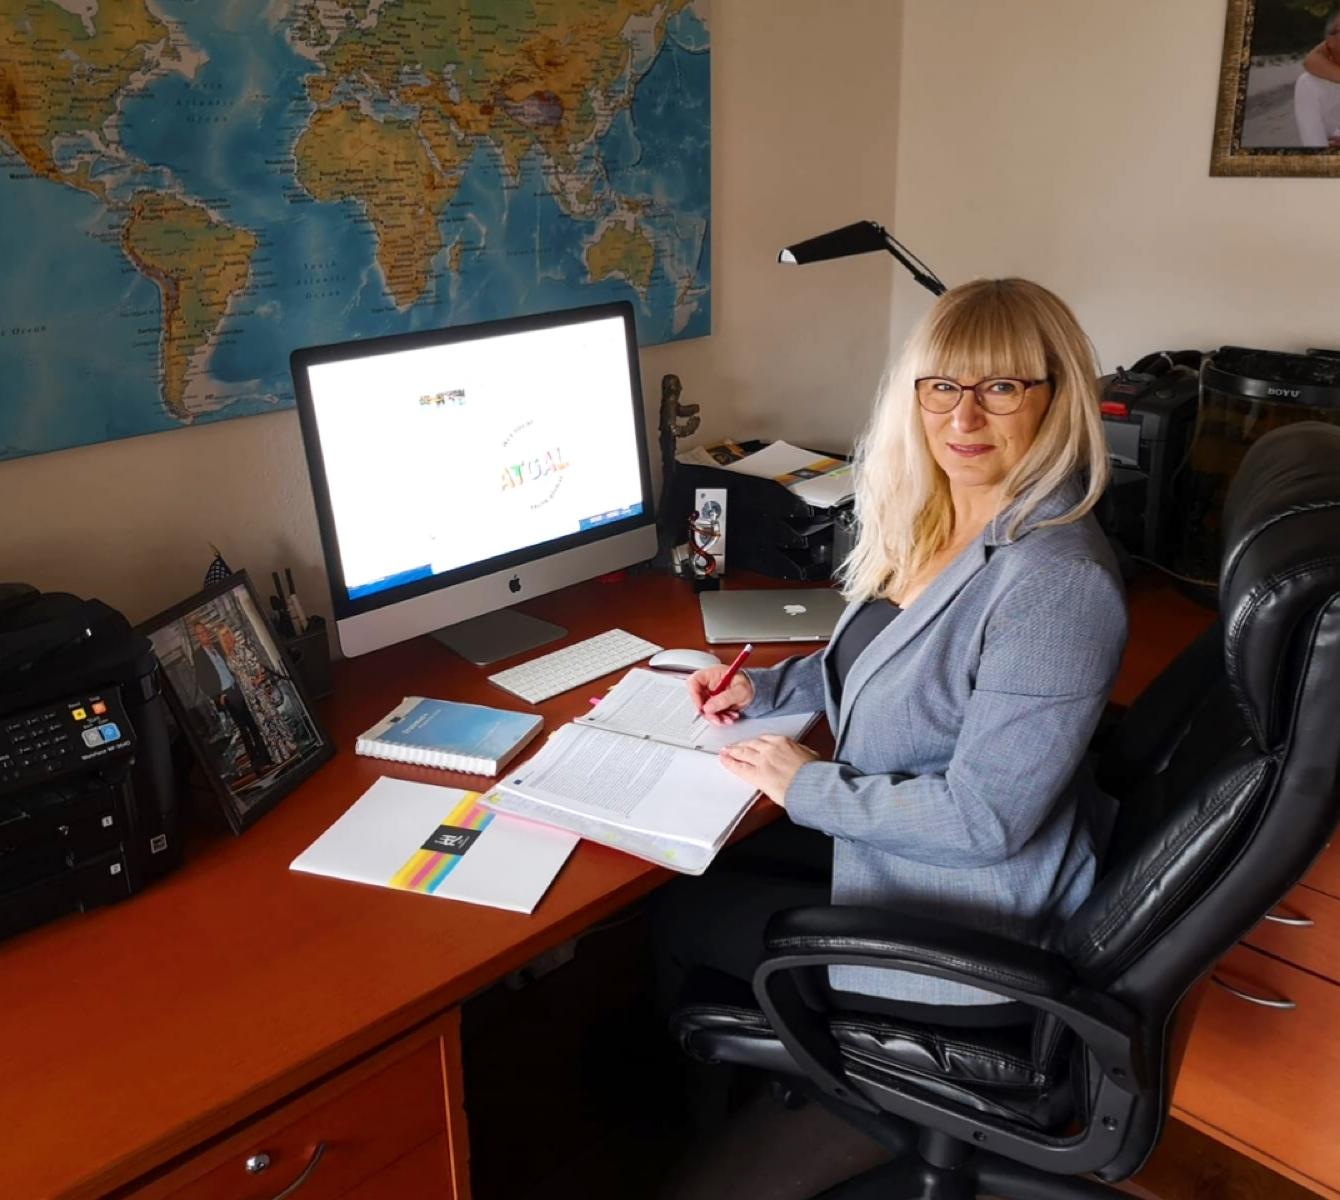 sidder Irina Grauengaard, Erasmus+ projektleder på Køge Handelsskole